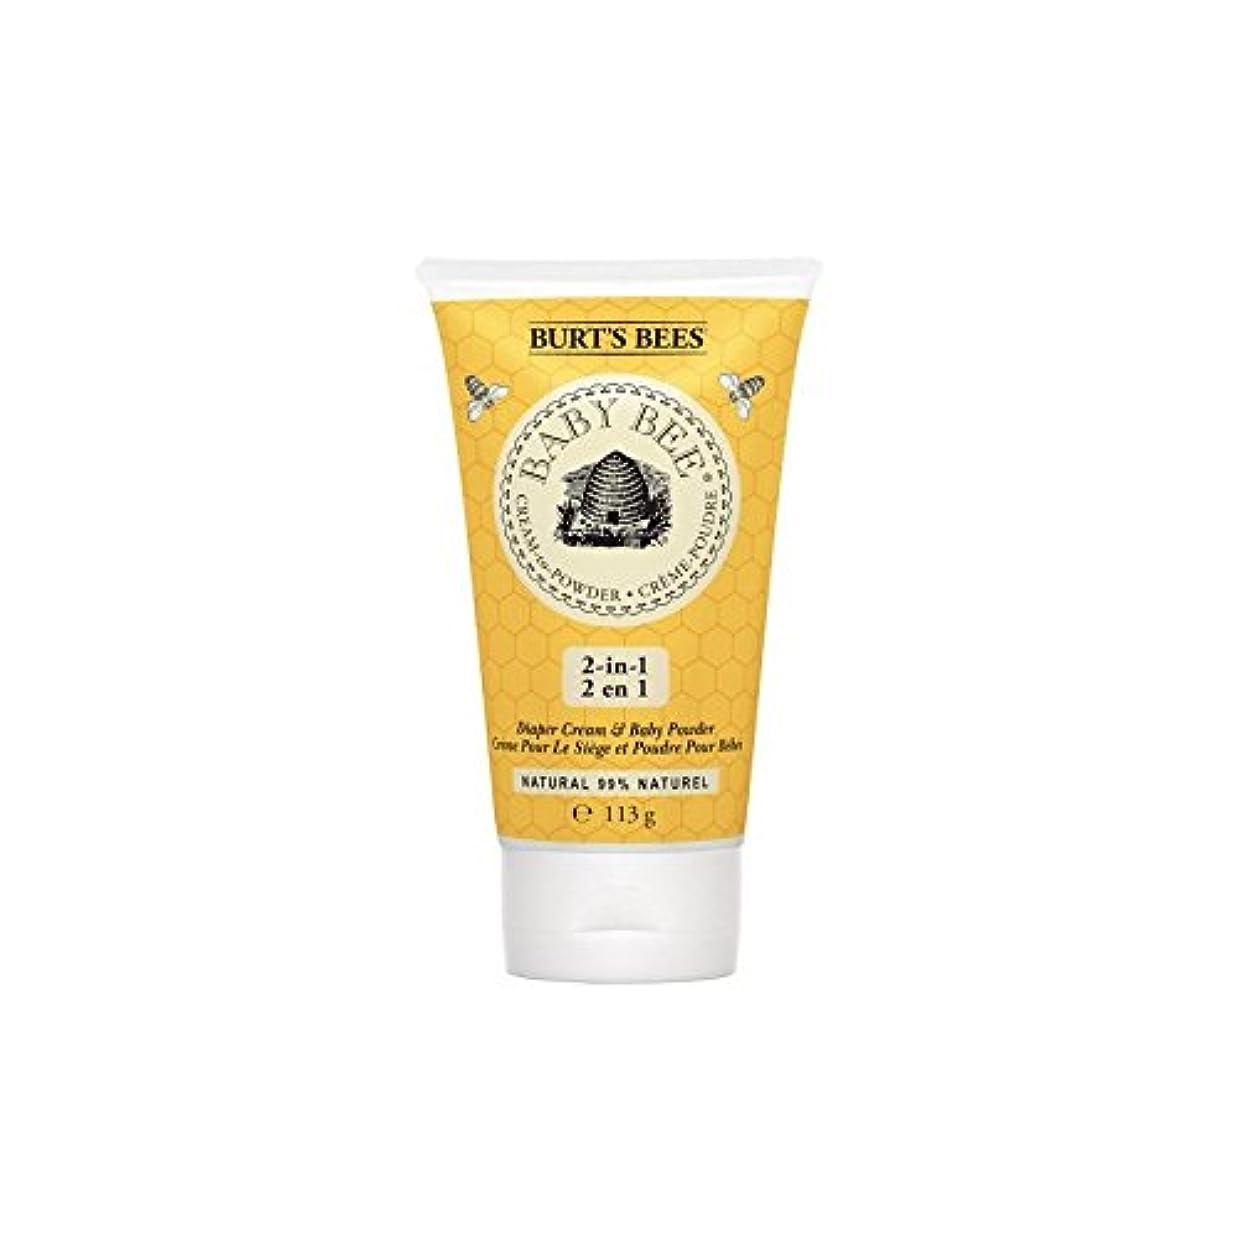 ゼリー自然公園違法粉末にバーツビークリーム x4 - Burt's Bees Cream to Powder (Pack of 4) [並行輸入品]